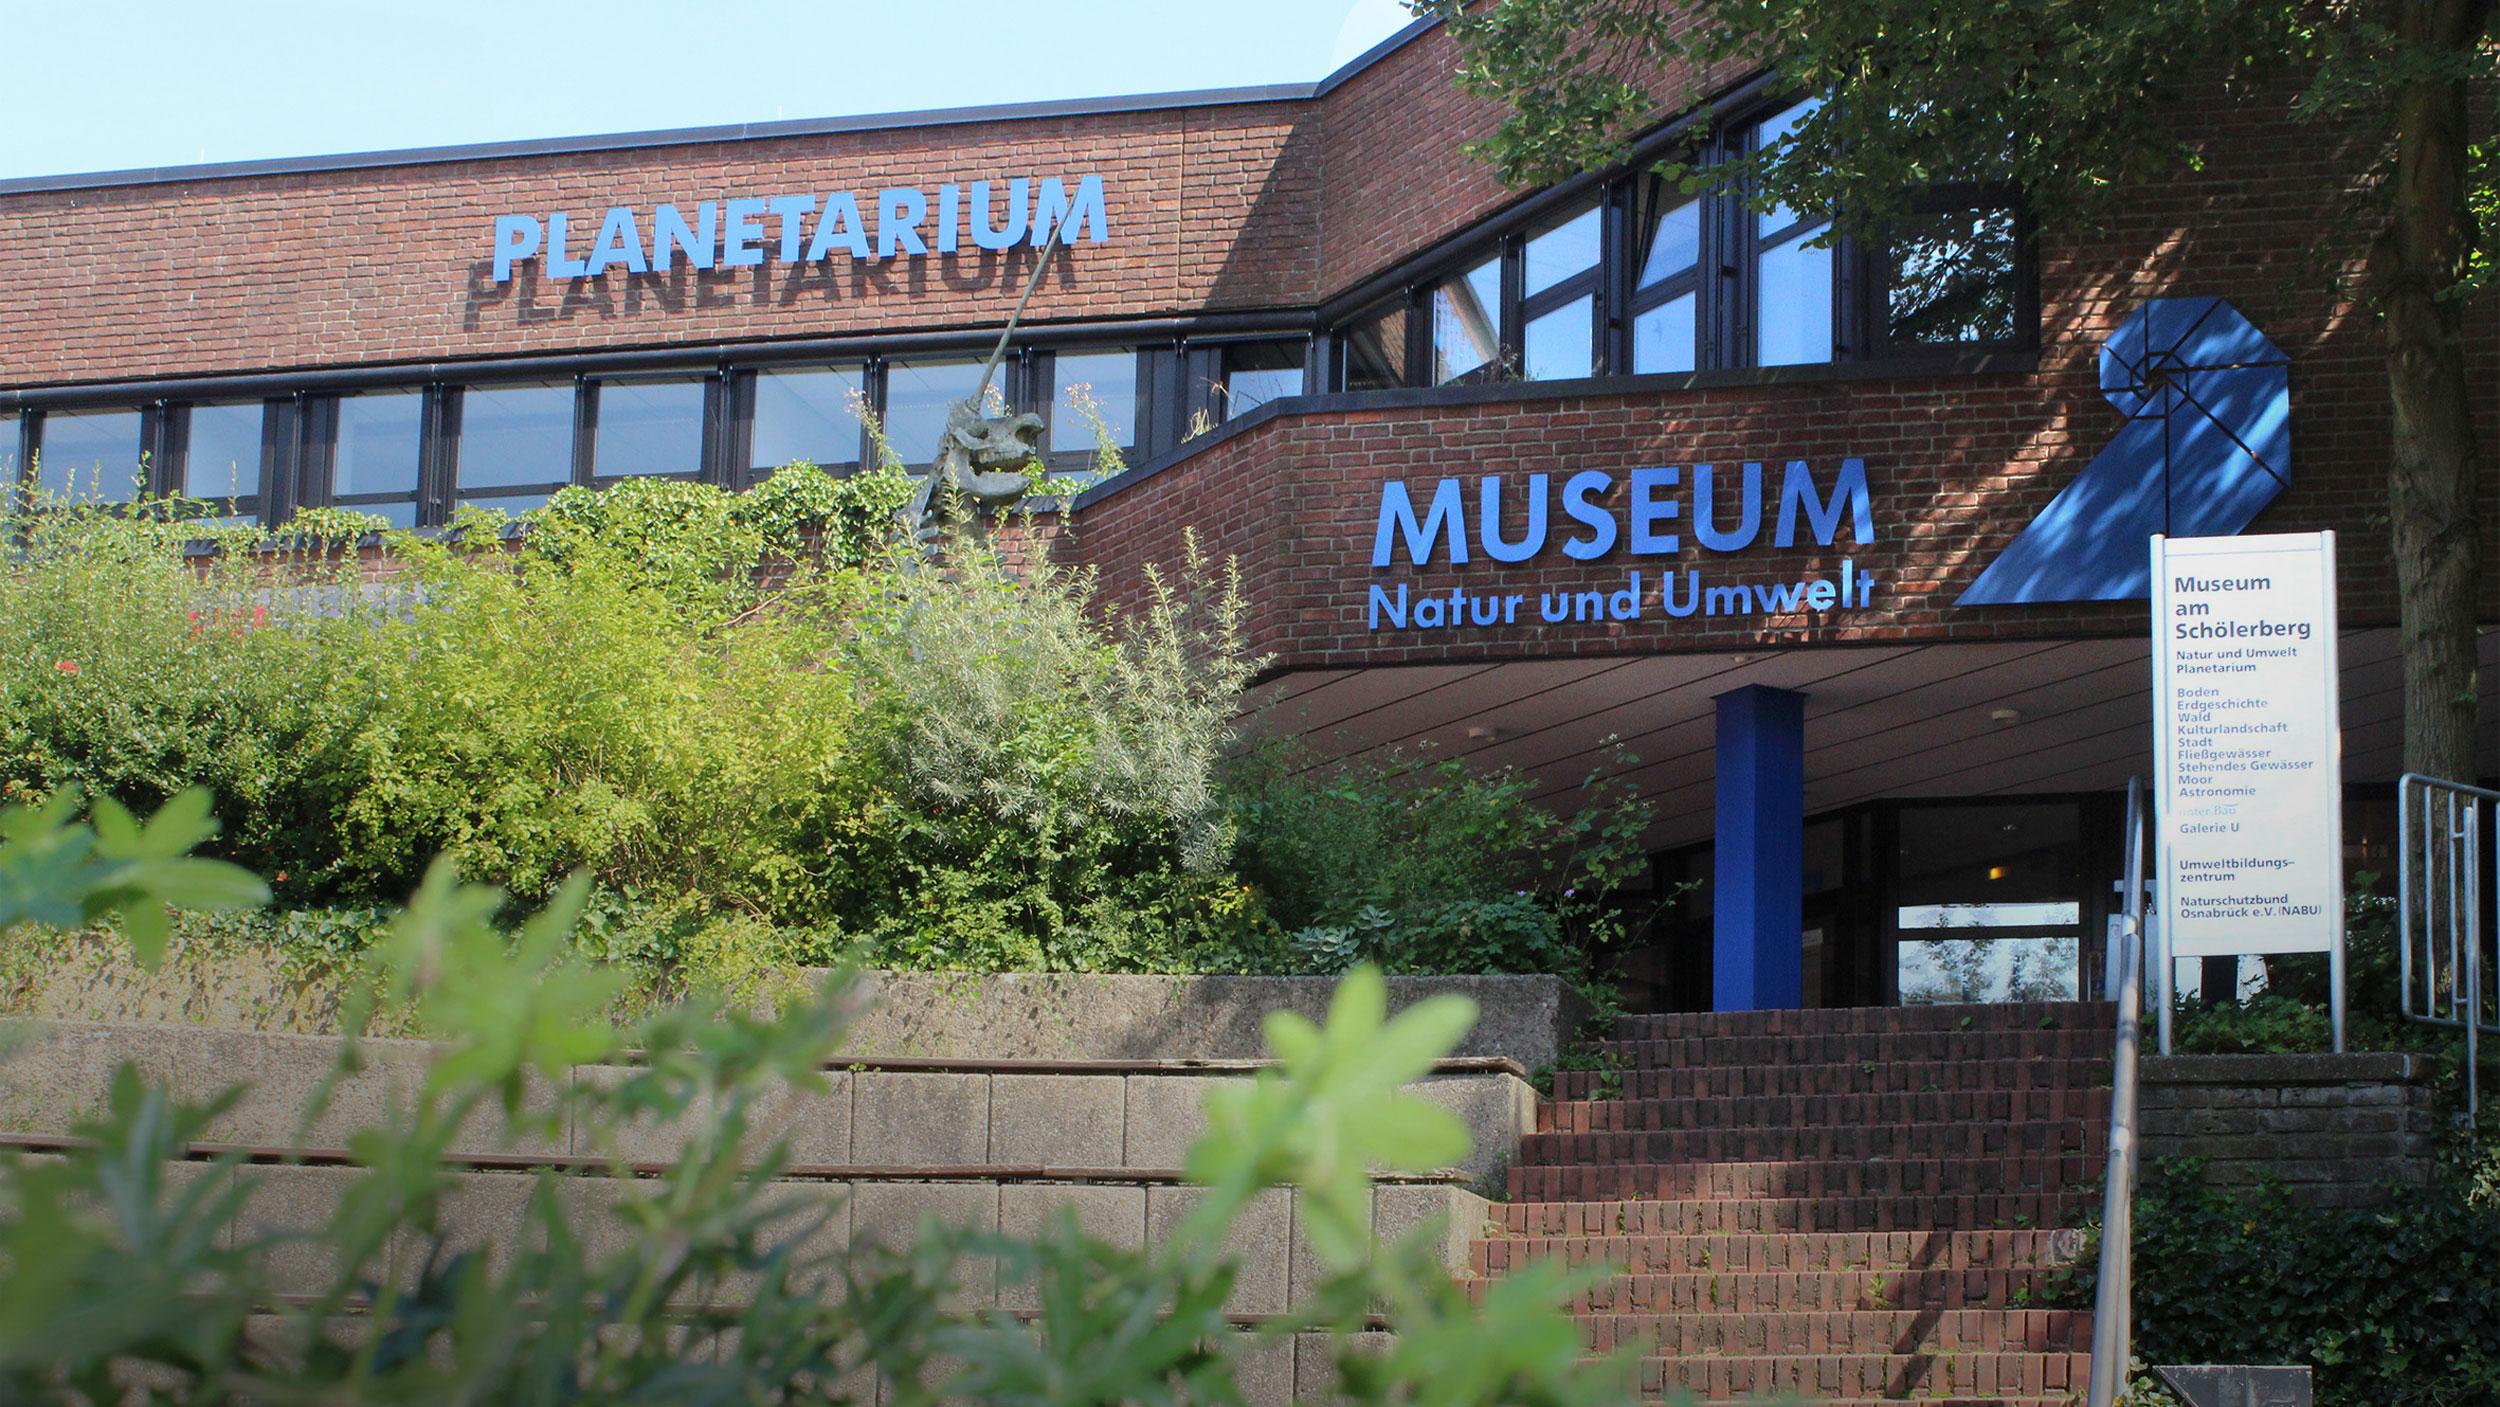 Museum am Schölerberg Eingang